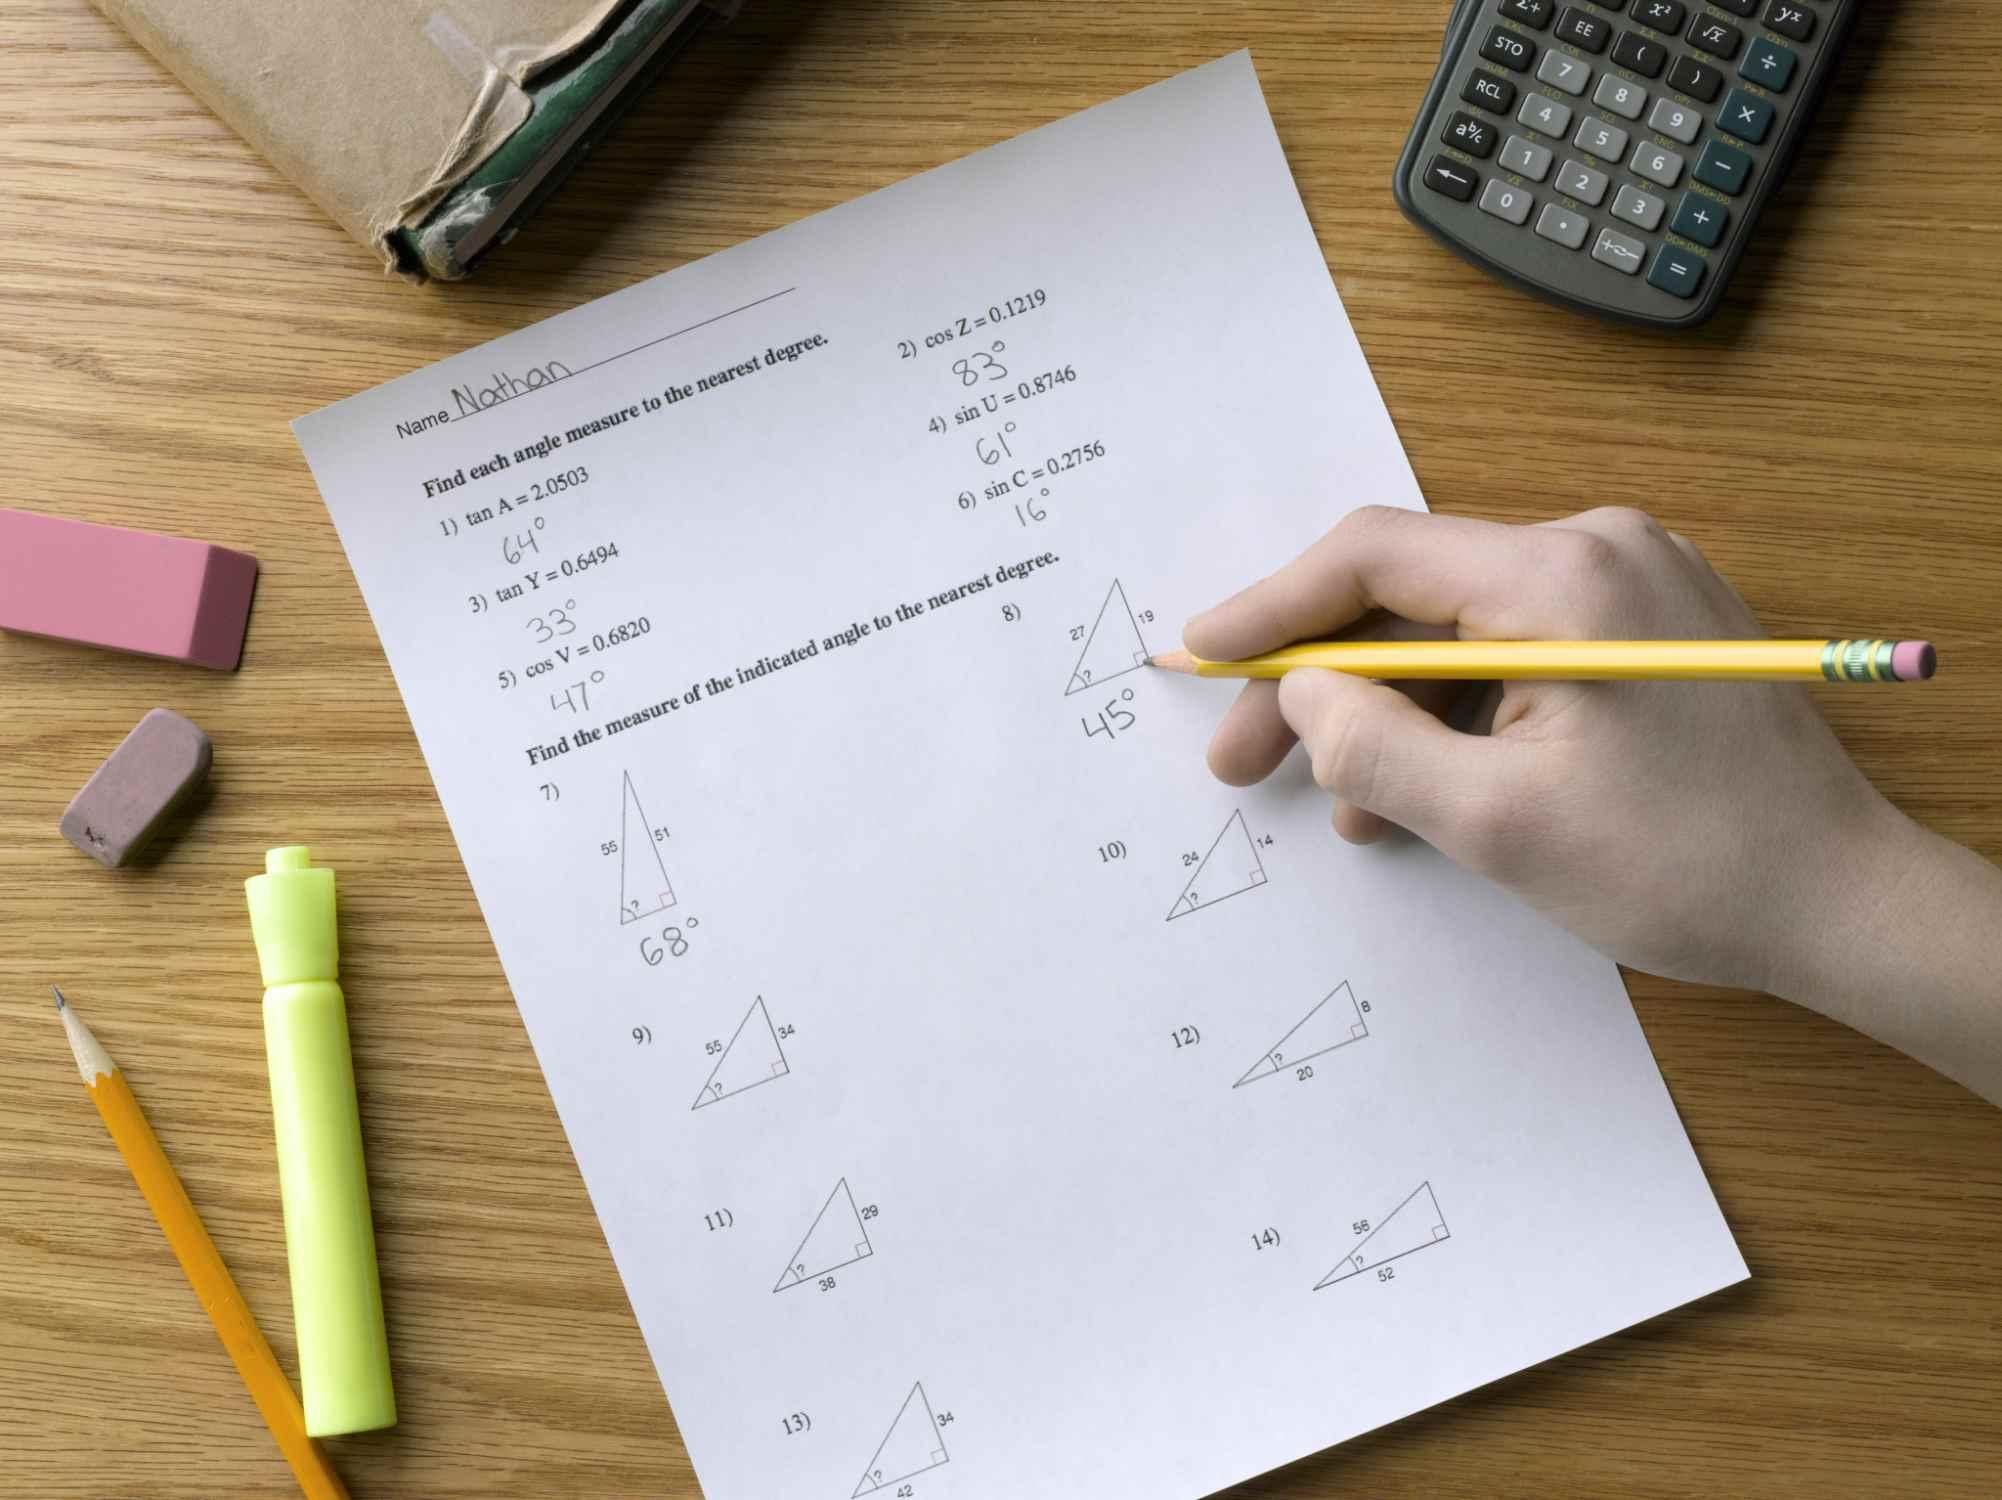 A close-up of a math worksheet.